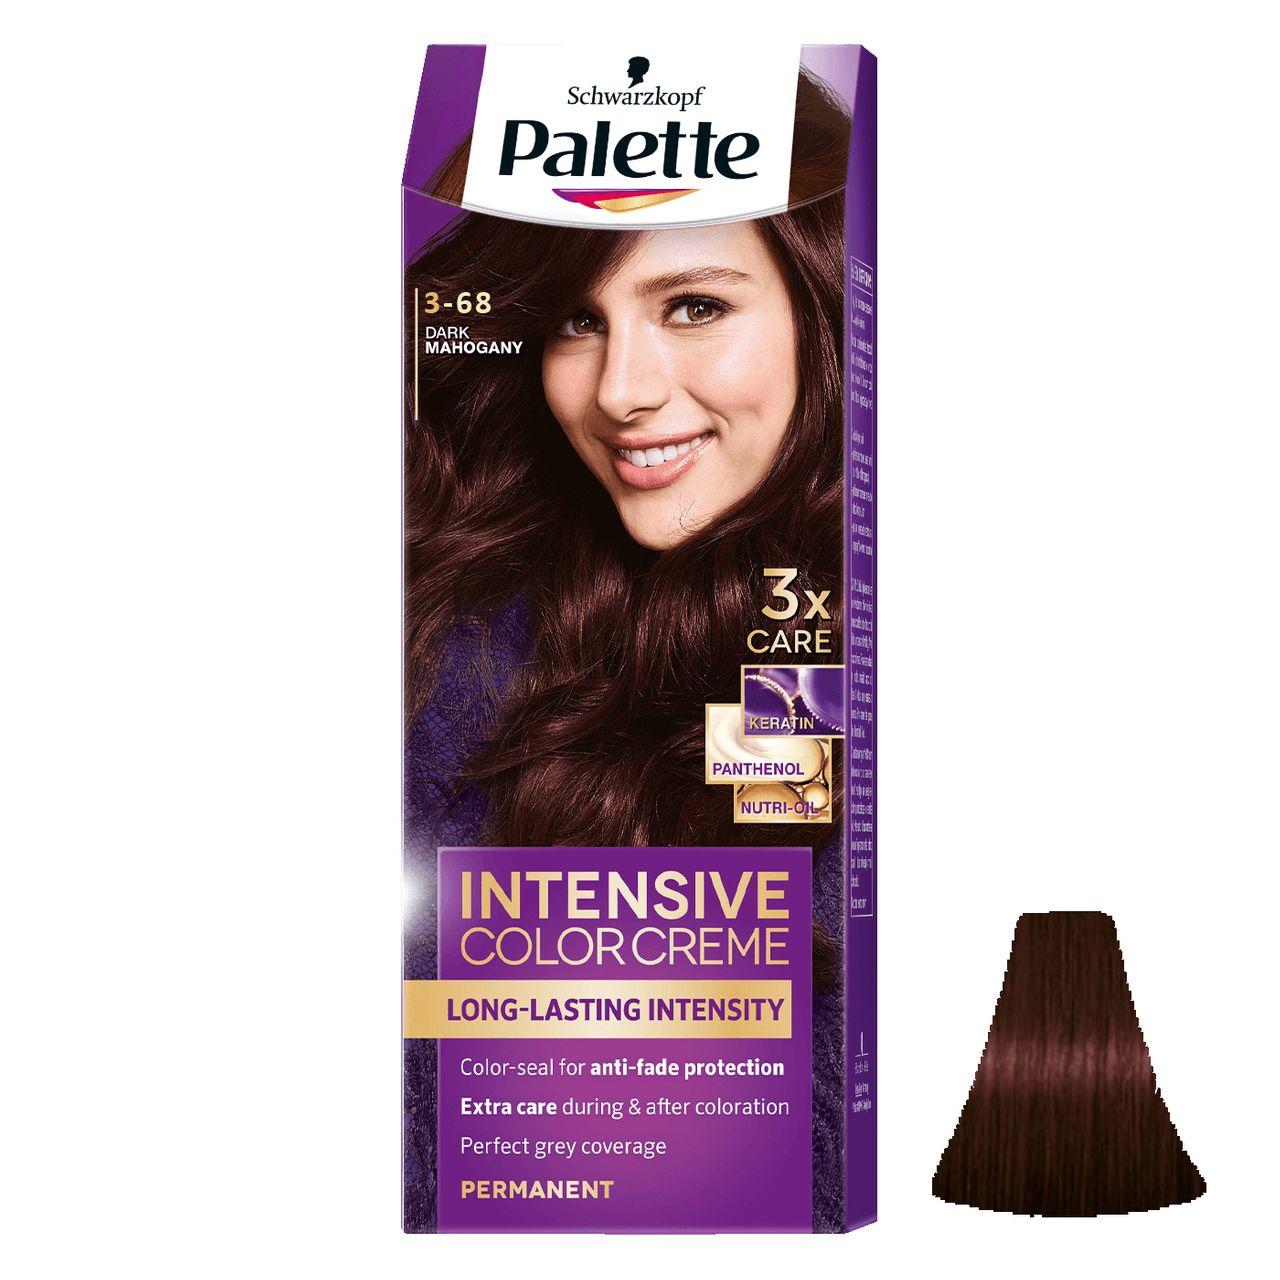 کیت رنگ مو پلت سری Intensive شماره 68-3 حجم 50 میلی لیتر رنگ ماهگونی تیره